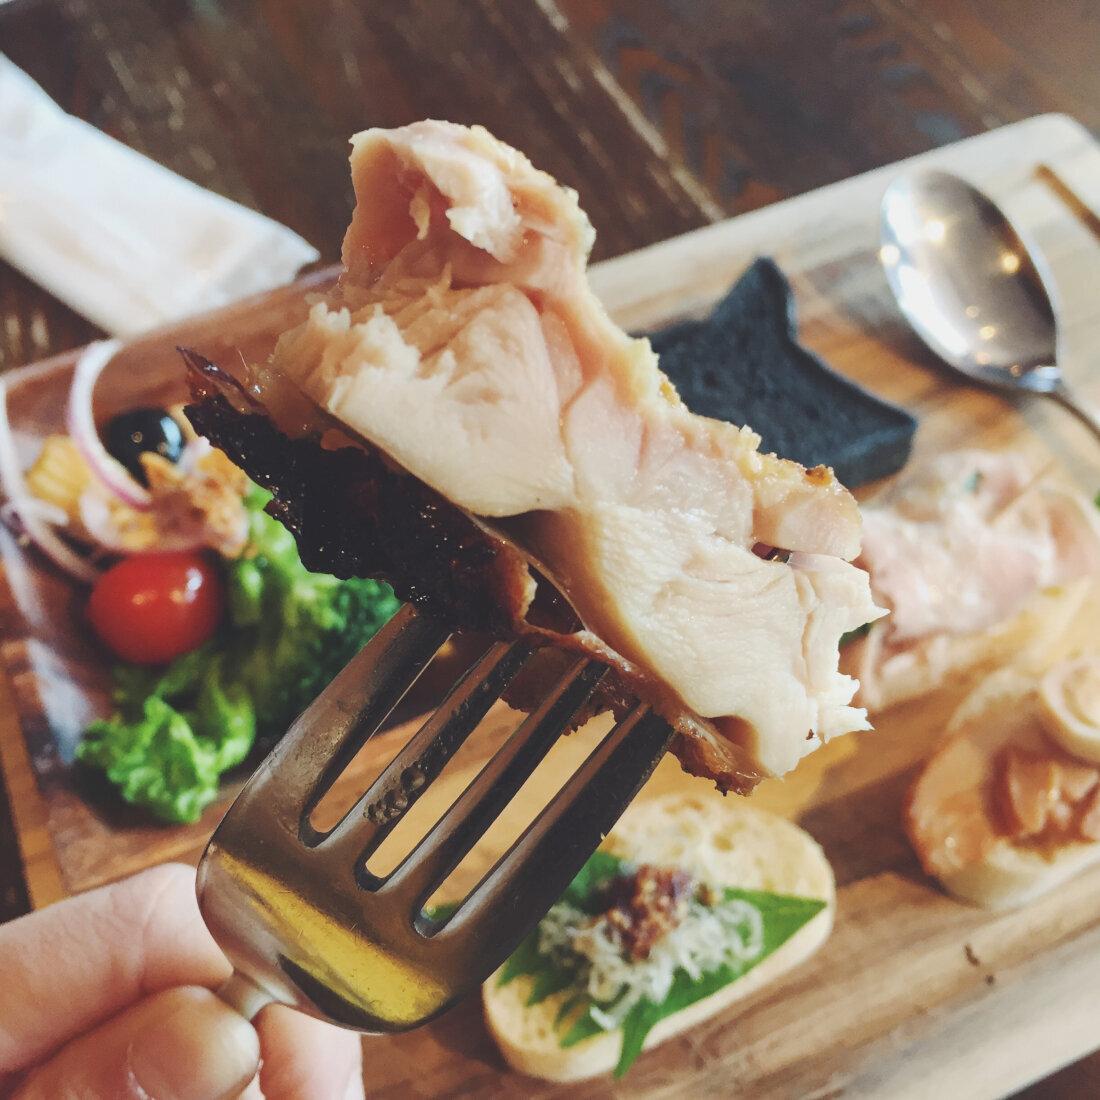 鮮嫩多汁的香草烤雞,絕對值得列入必吃菜單。